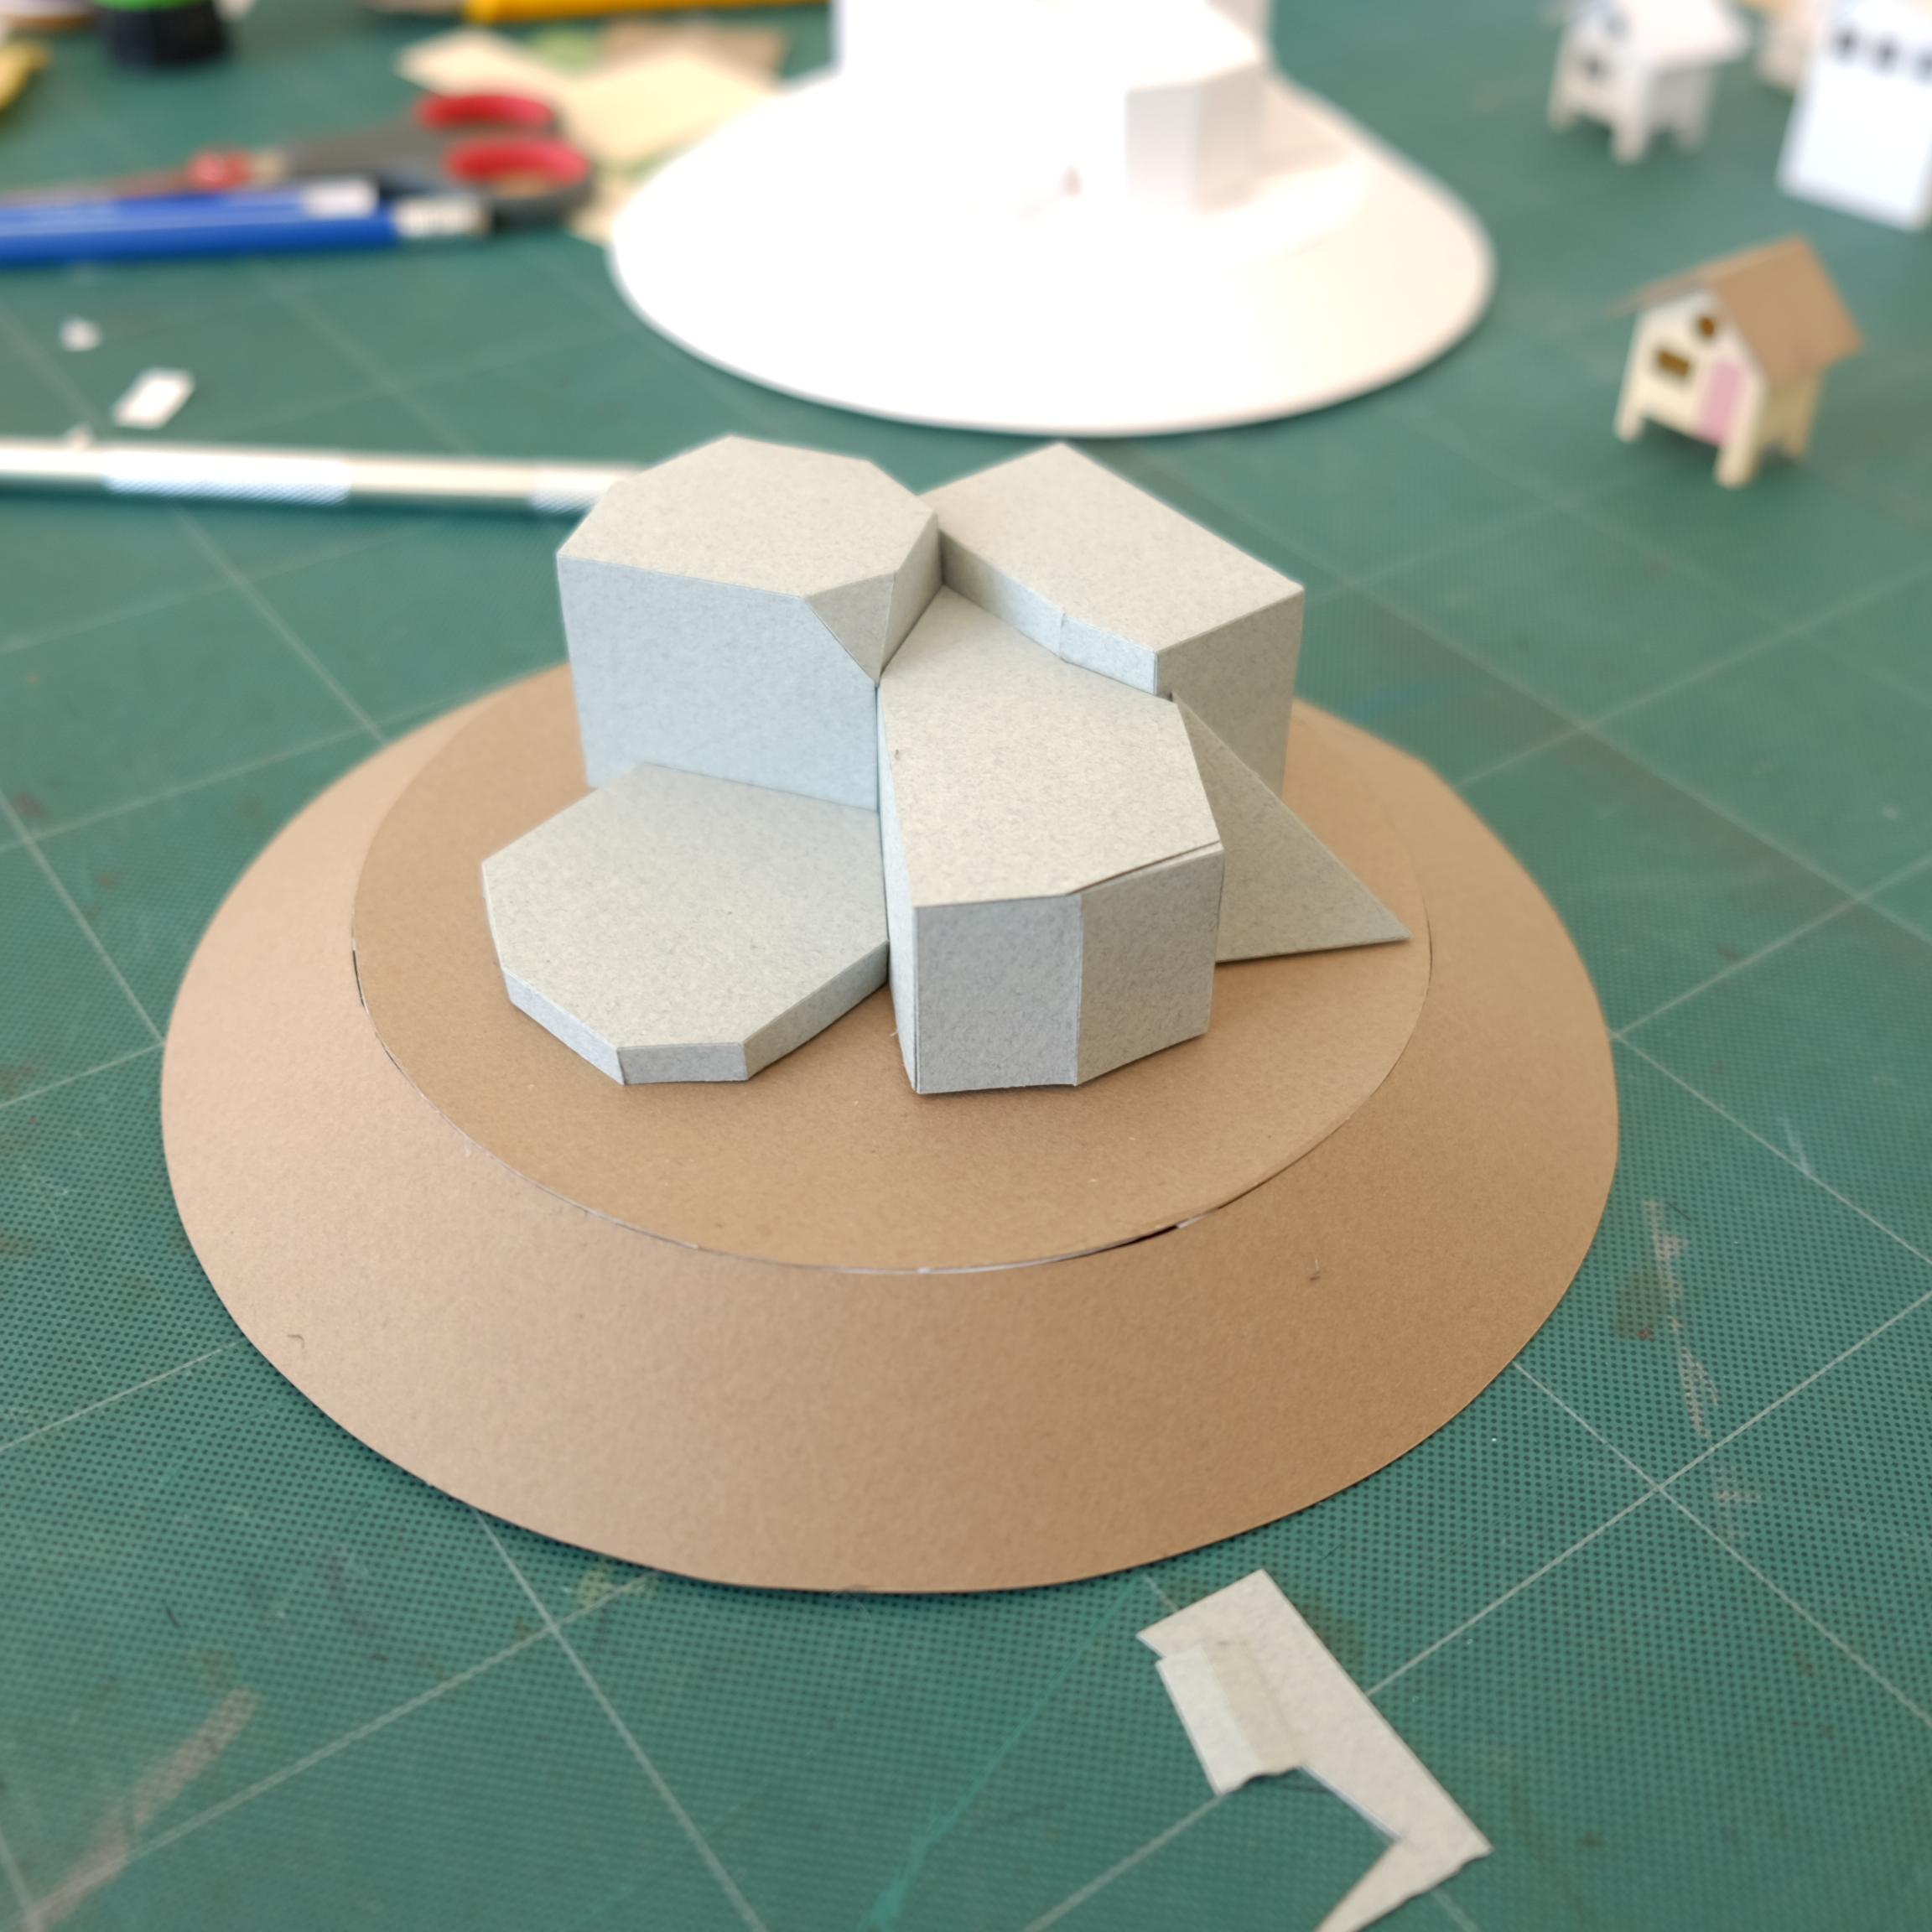 Base de décor rotatif  Papier, bois, acier